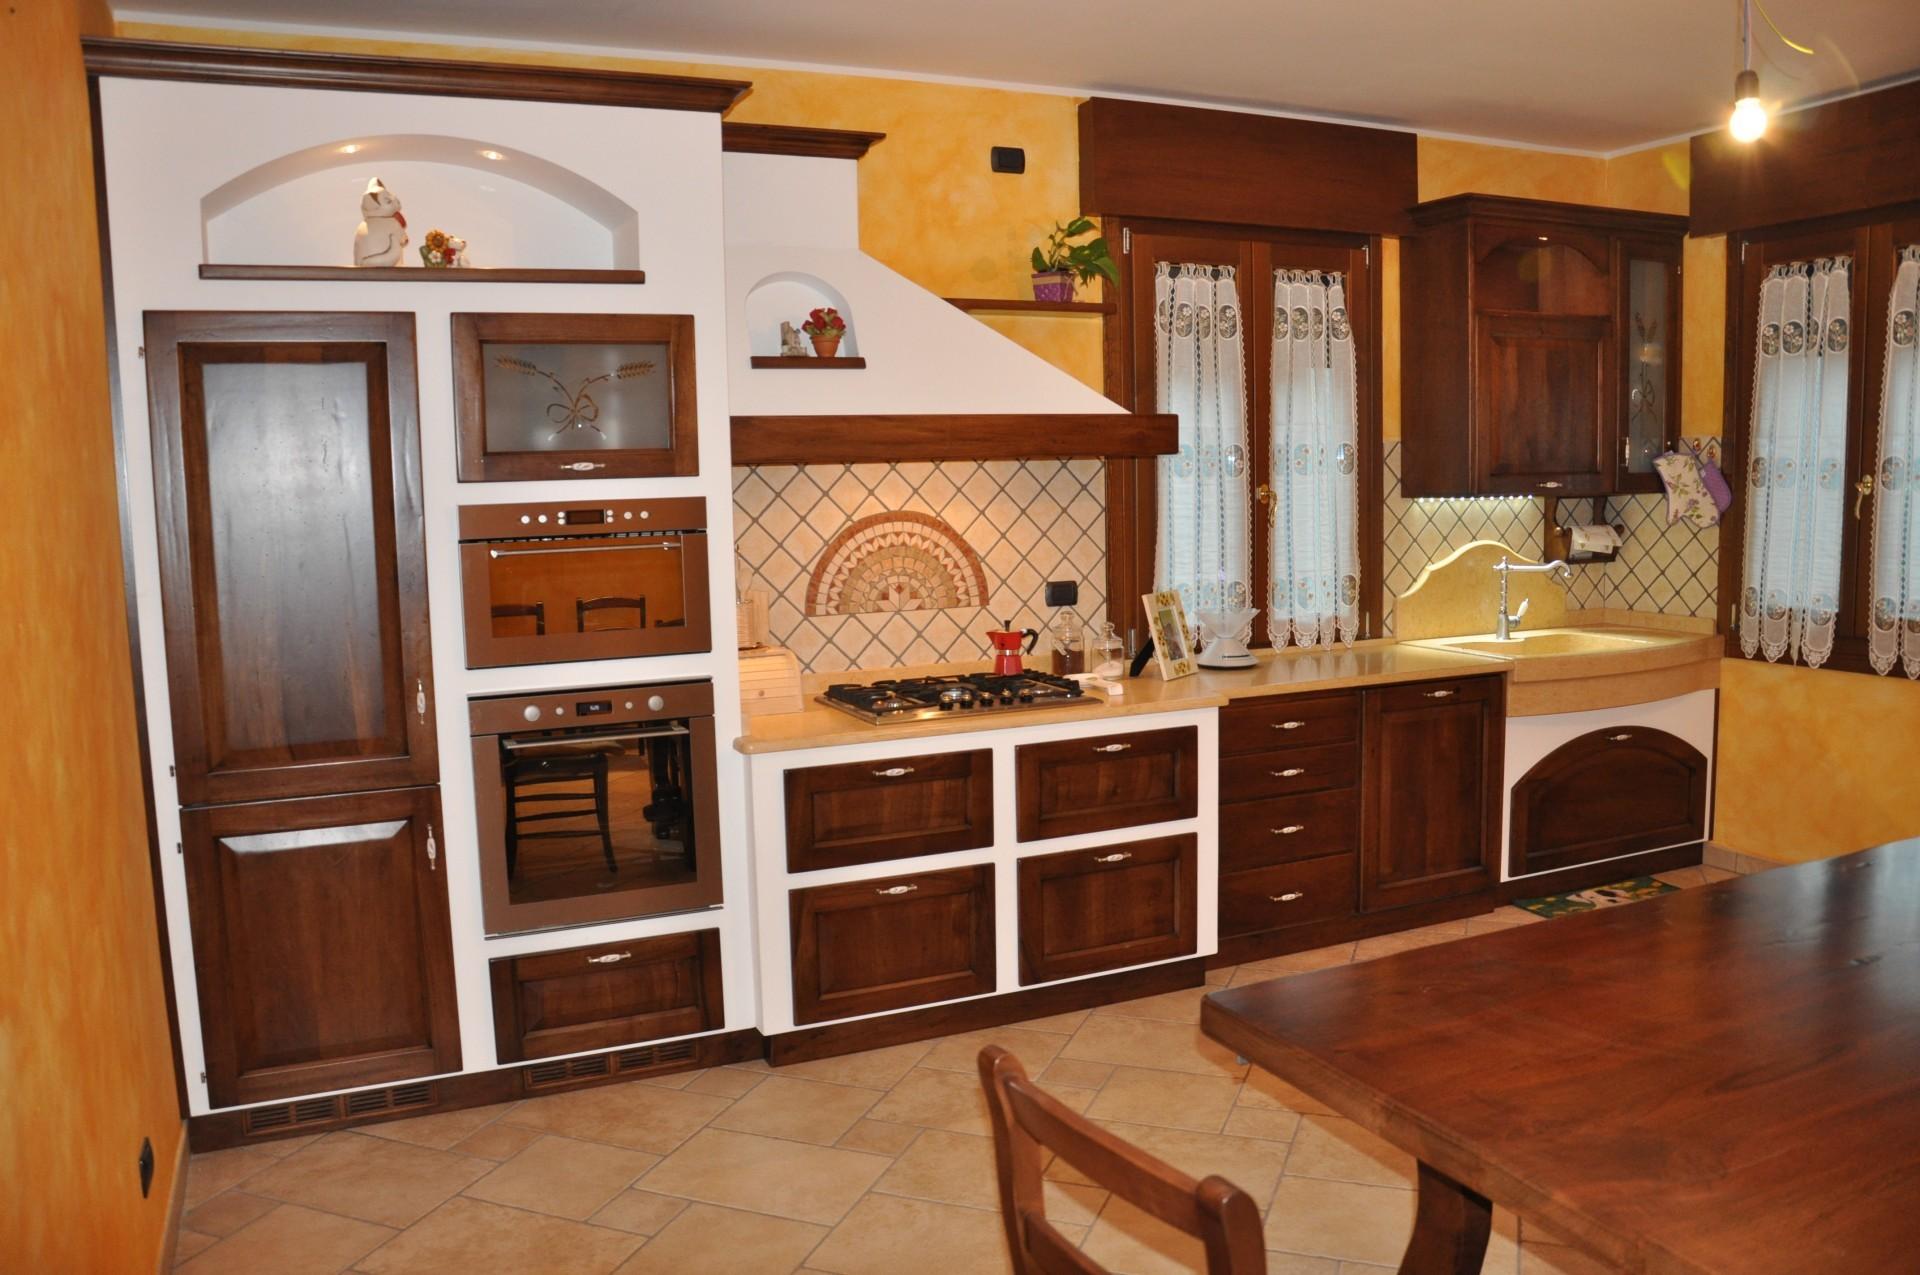 Cucine Country Rustiche E In Muratura Fadini Mobili Cerea Verona